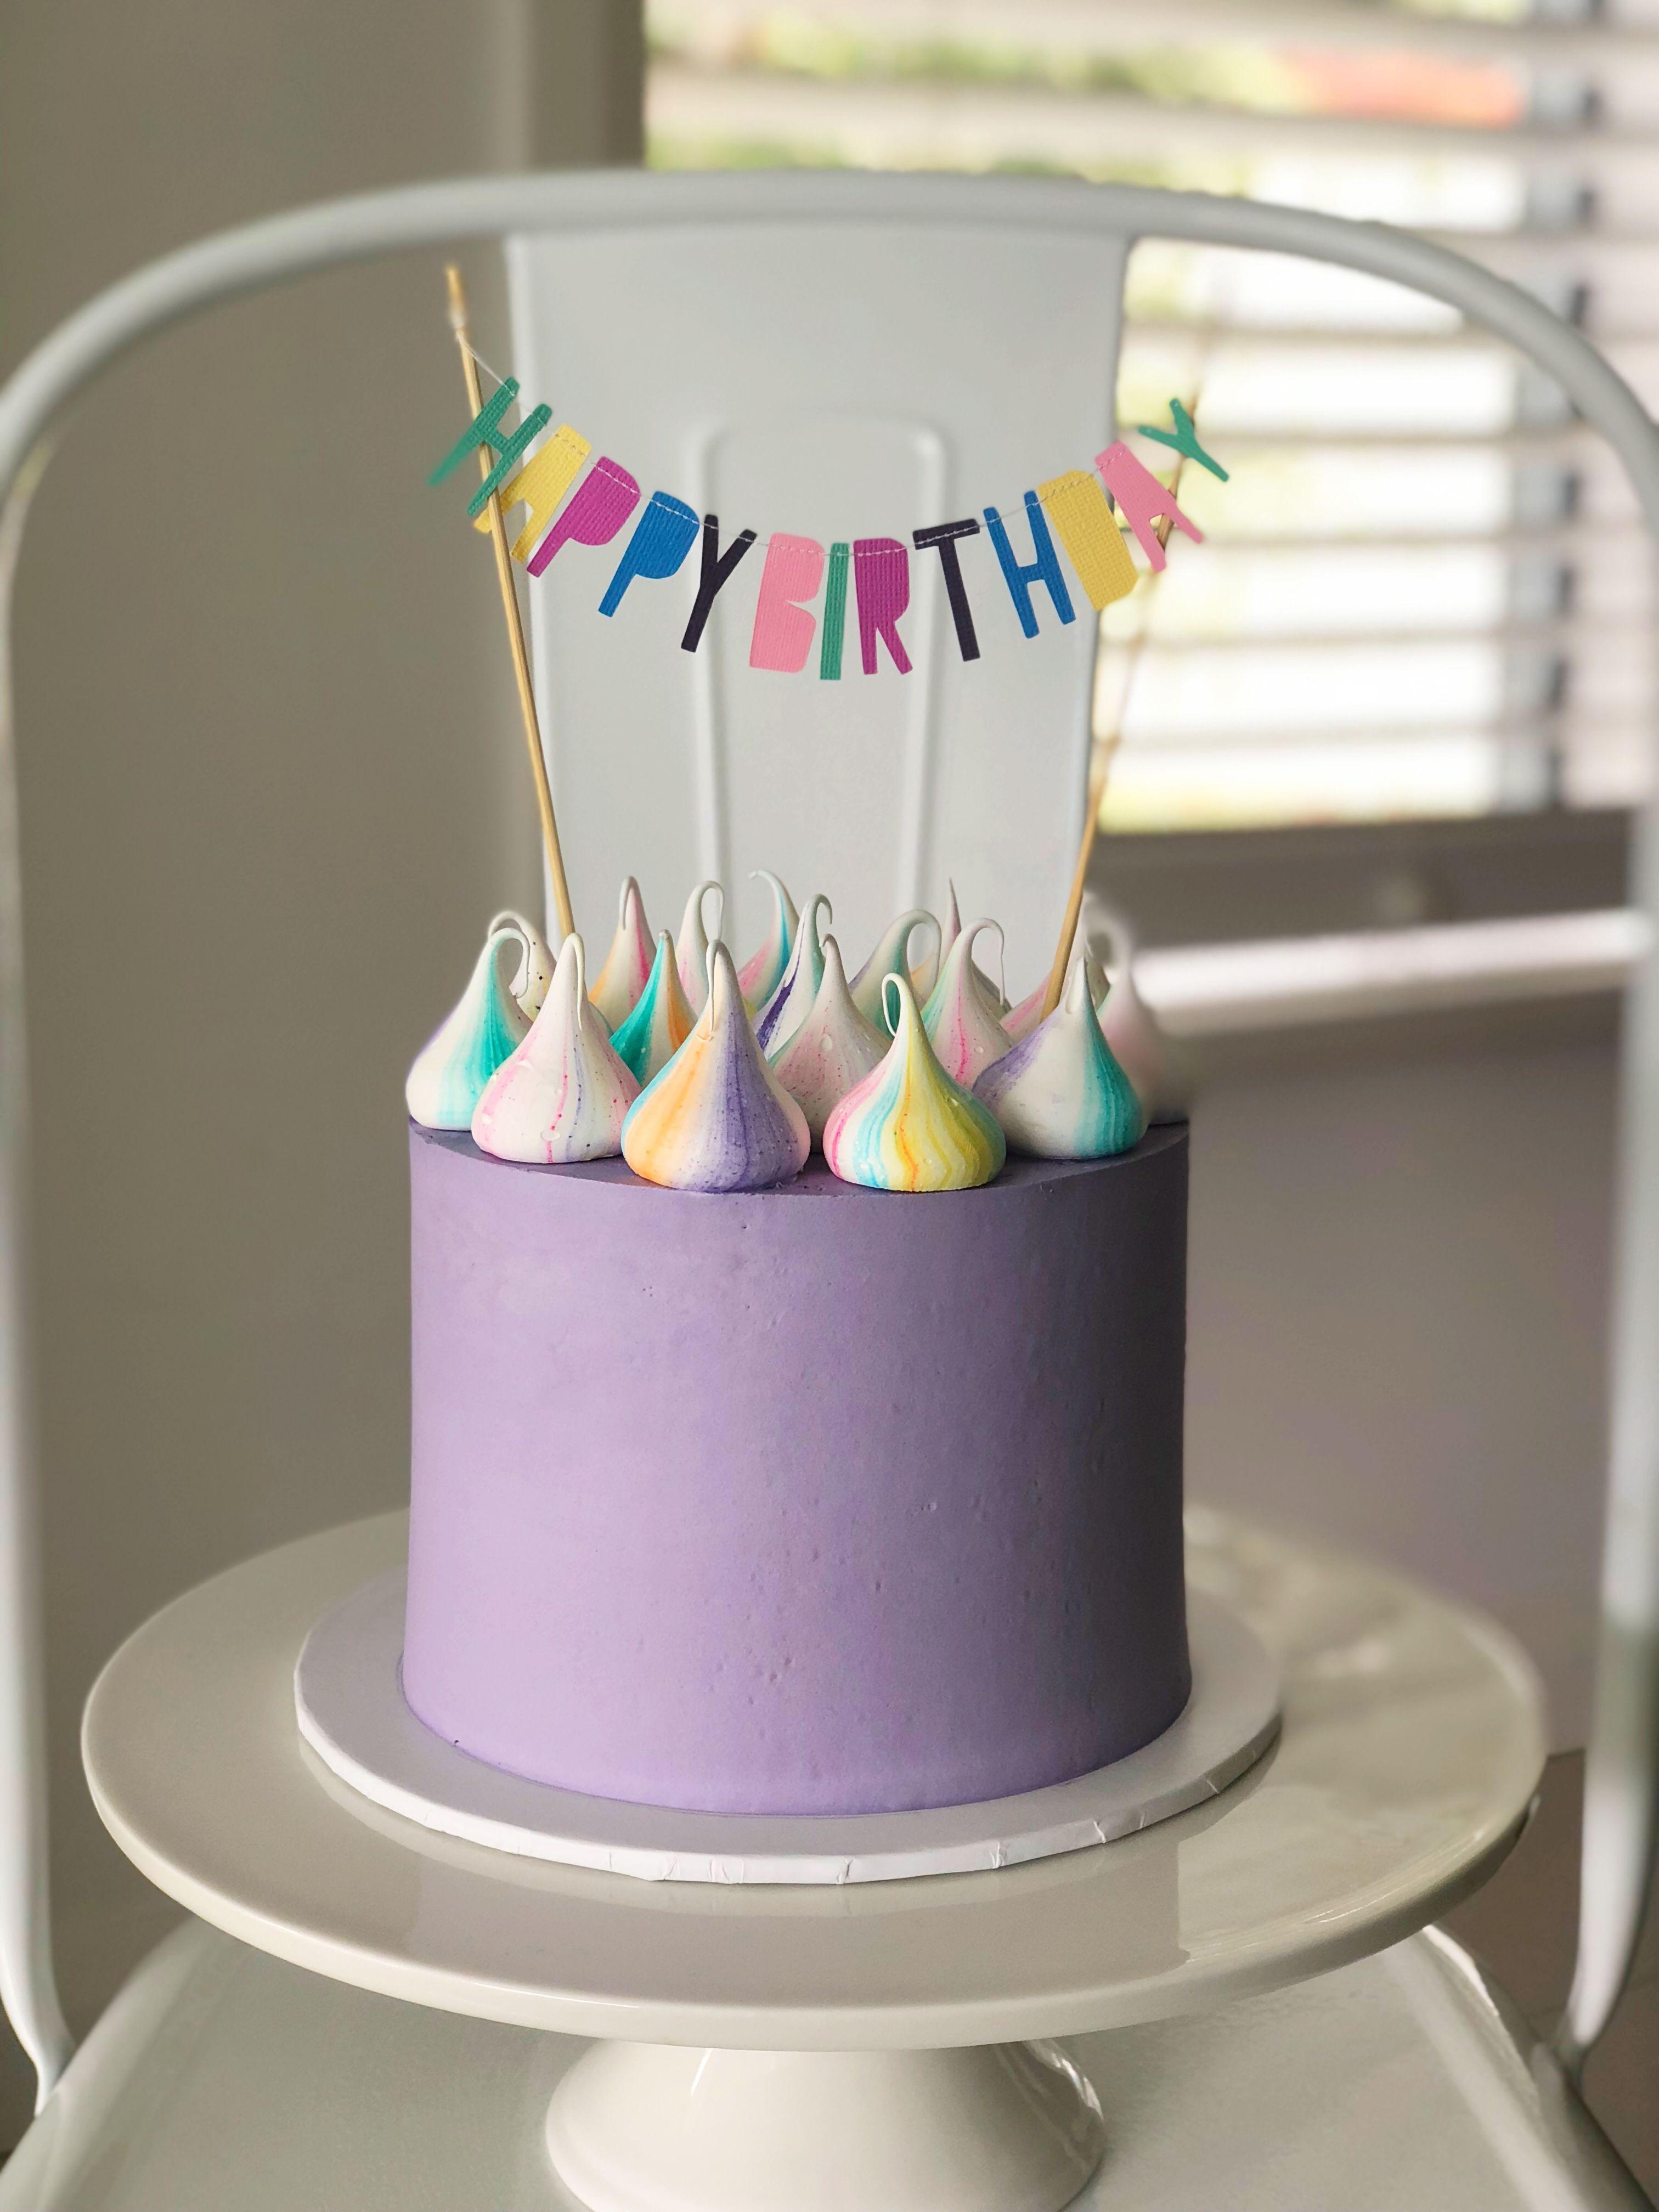 Girls 9th Birthday Cake White Chocolate Funfetti Cake With Oreo